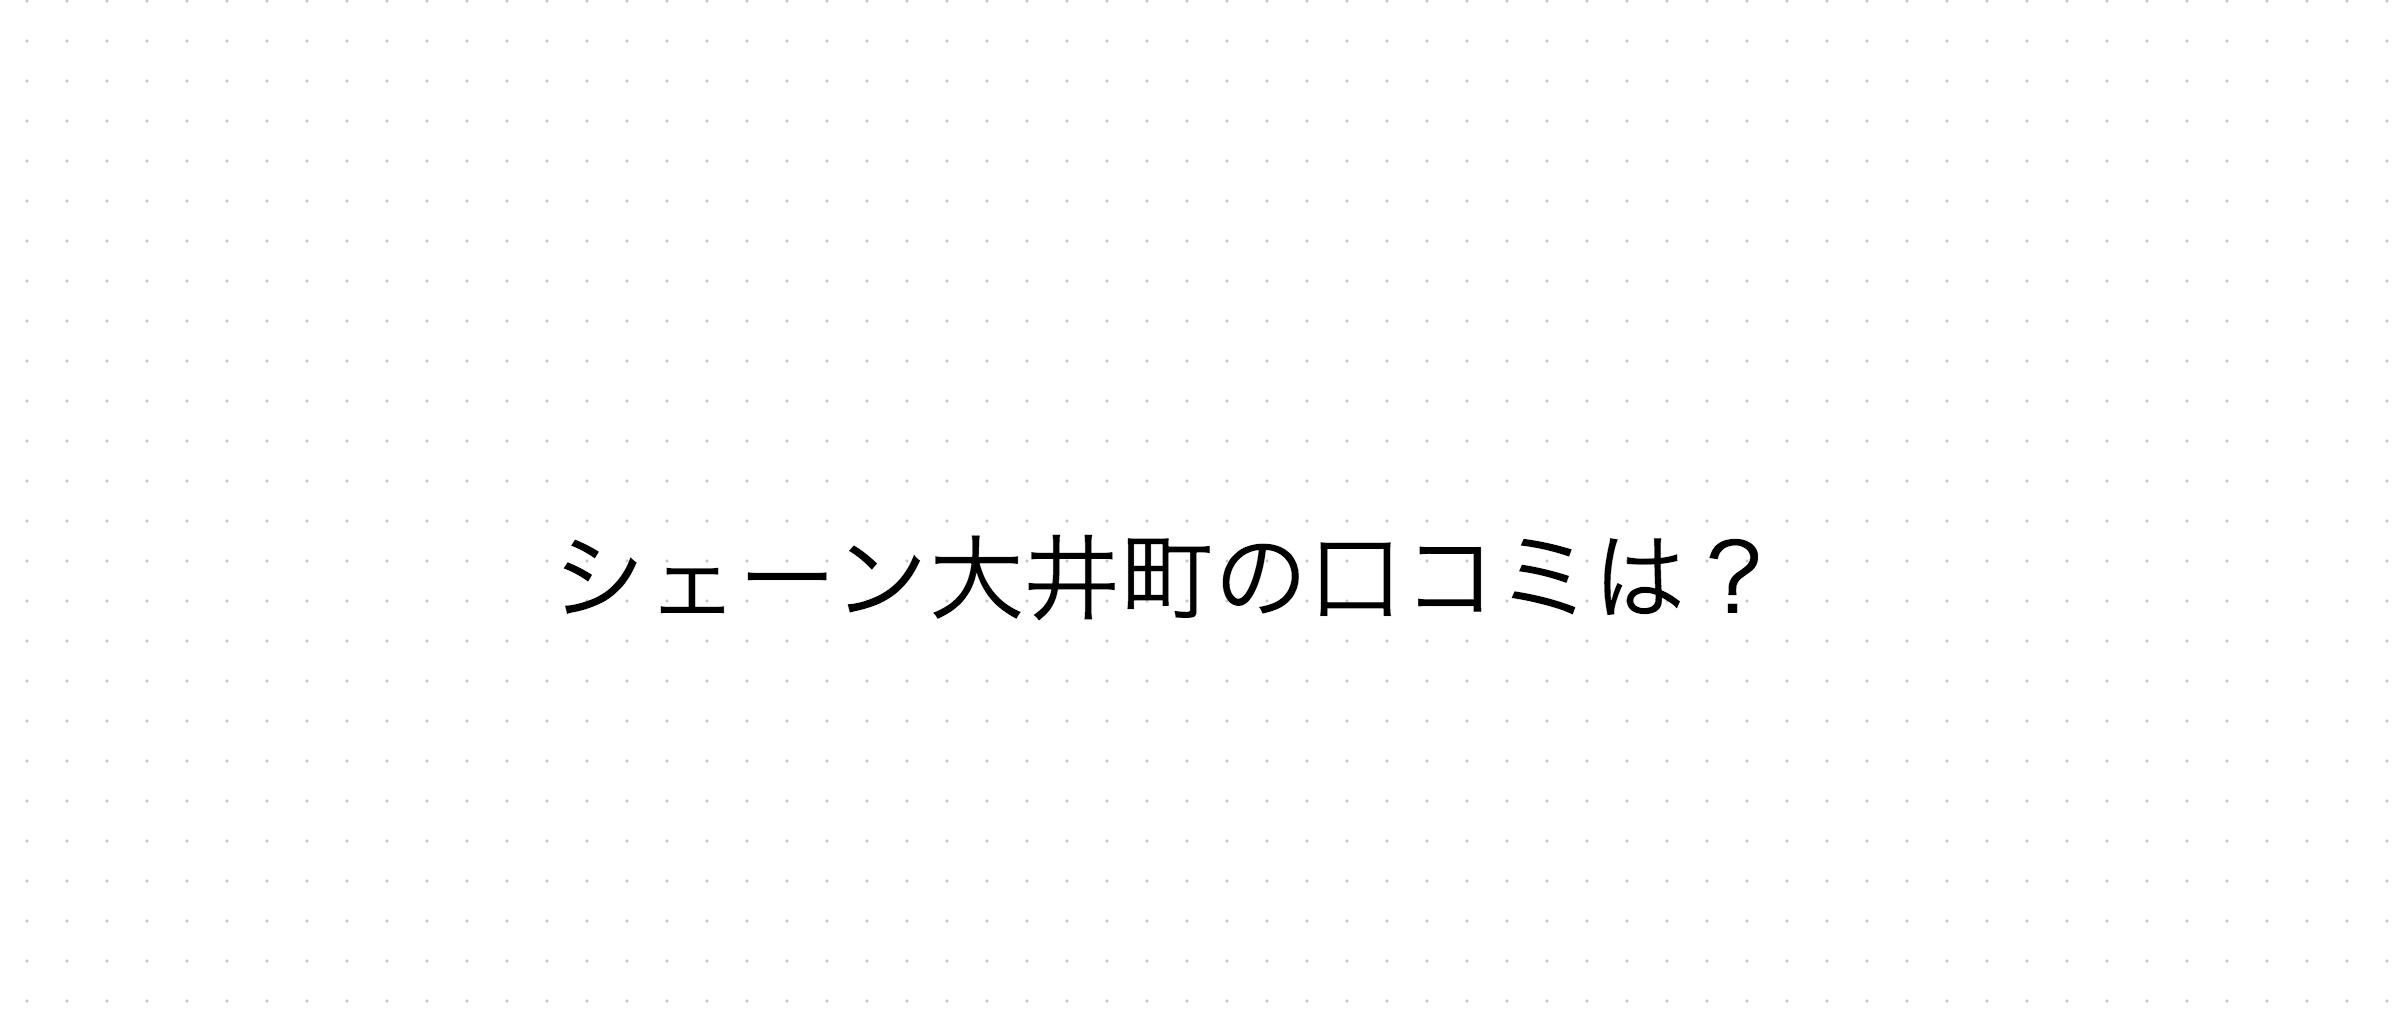 【徹底調査!】シェーン英会話大井町校口コミや評判は?